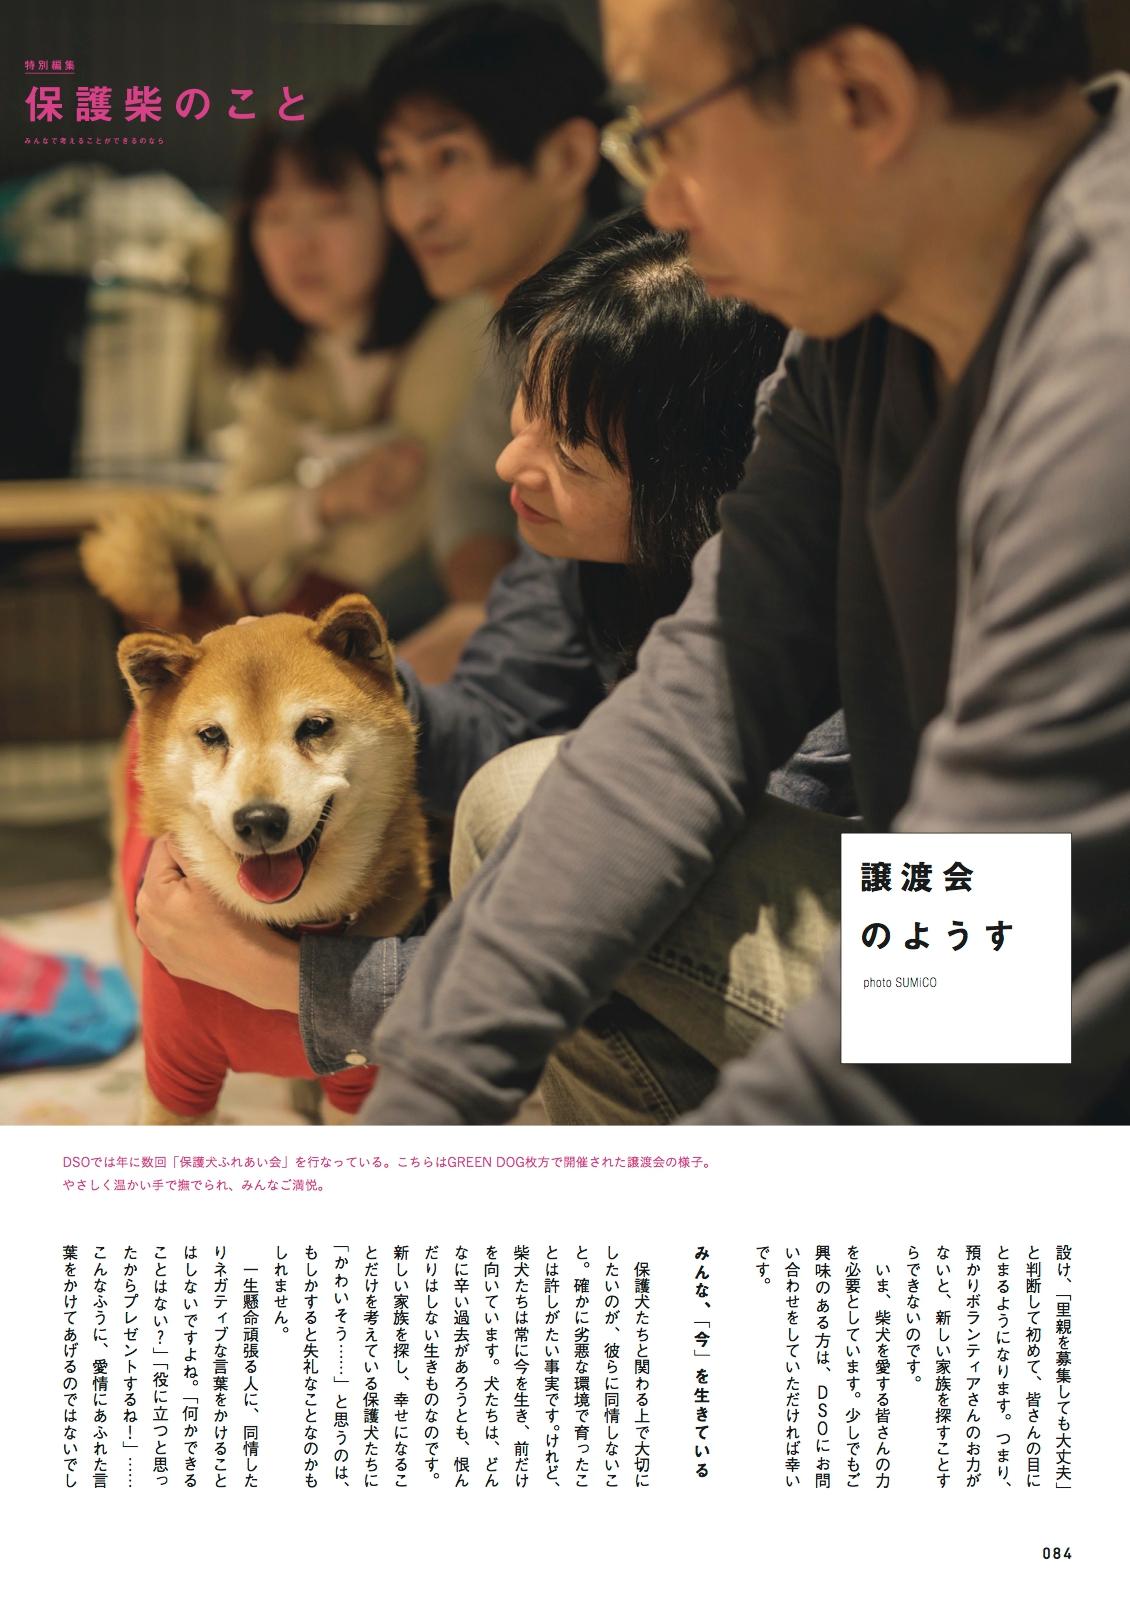 柴犬ライフ vol.2 冬号の目次画像2